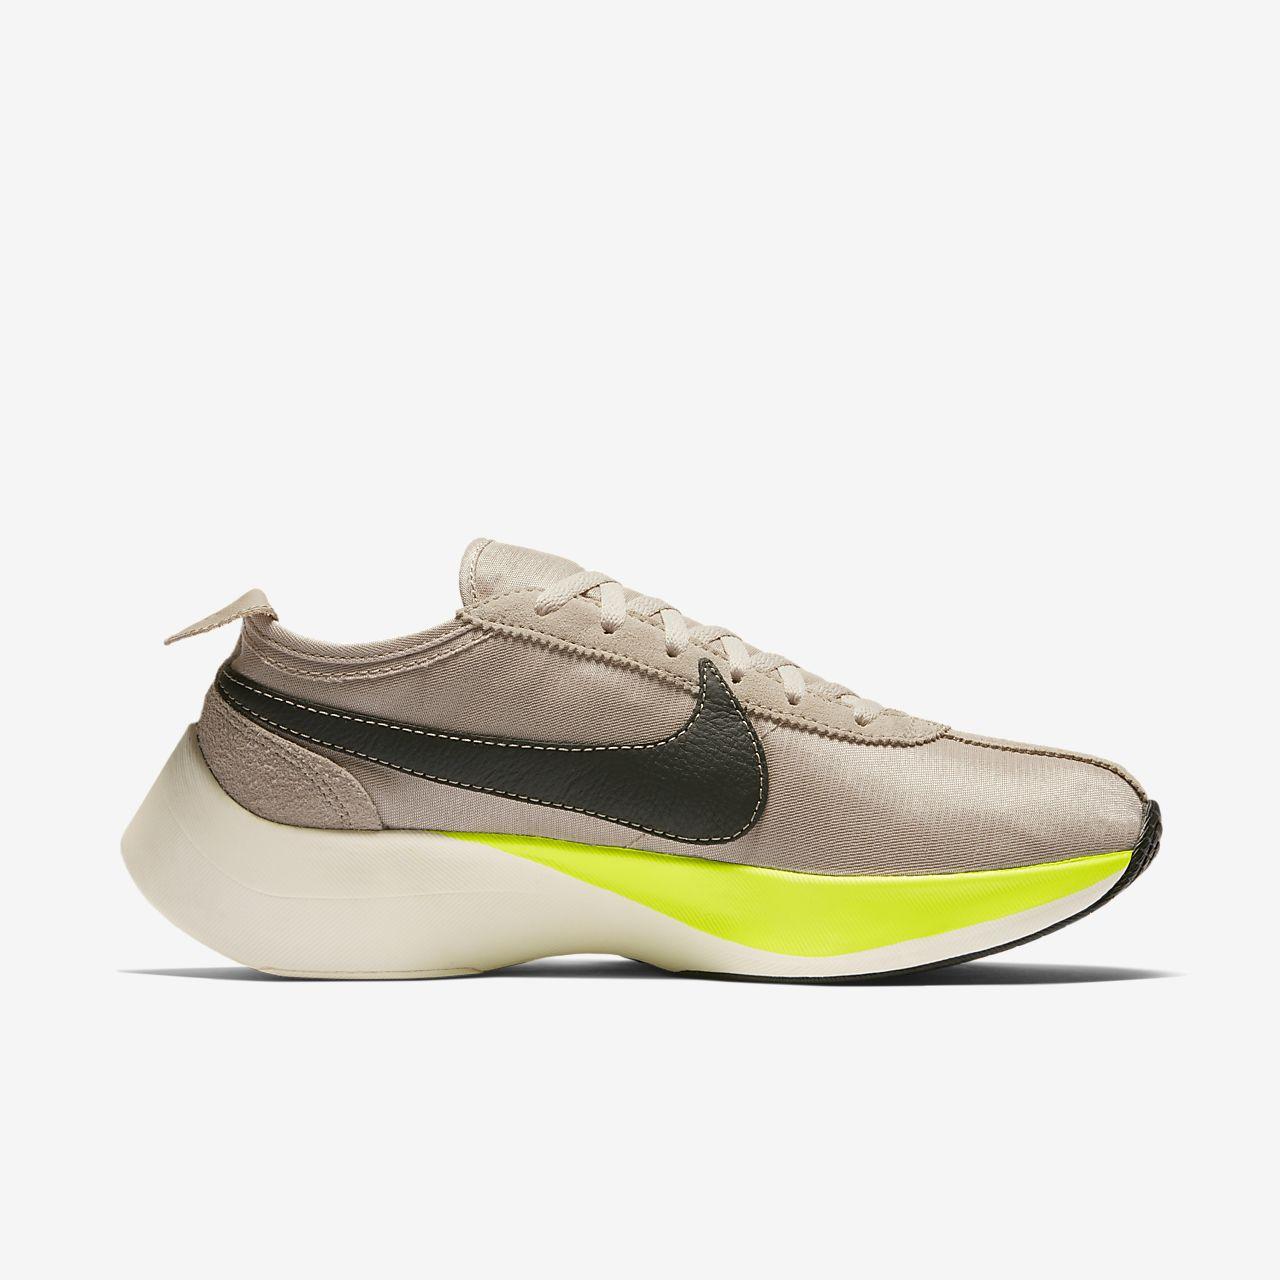 more photos 4de74 71e8a ... Chaussure Nike Moon Racer pour Homme